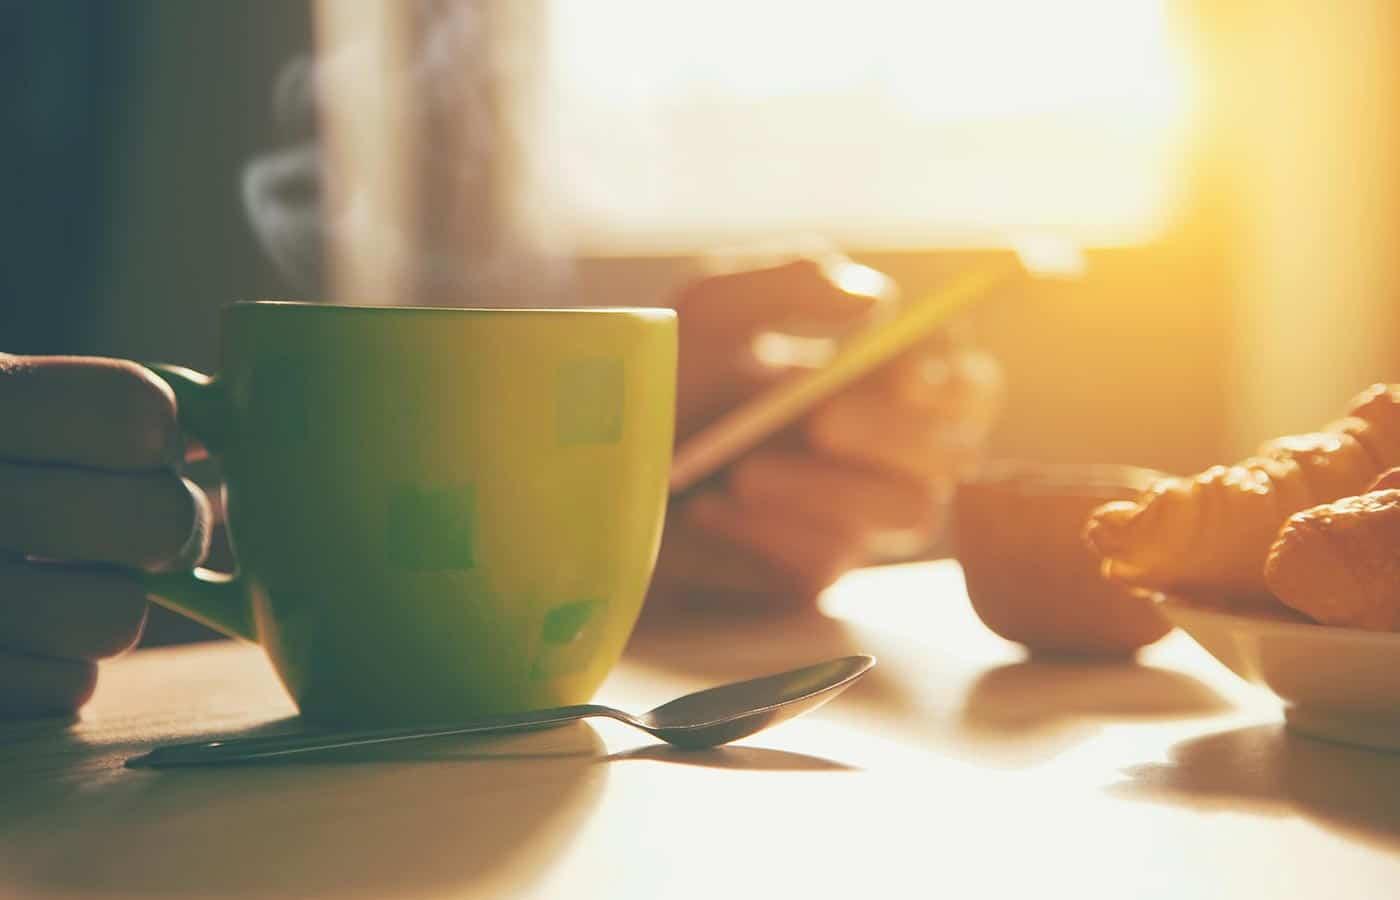 Não pode beber café de estomago vazio